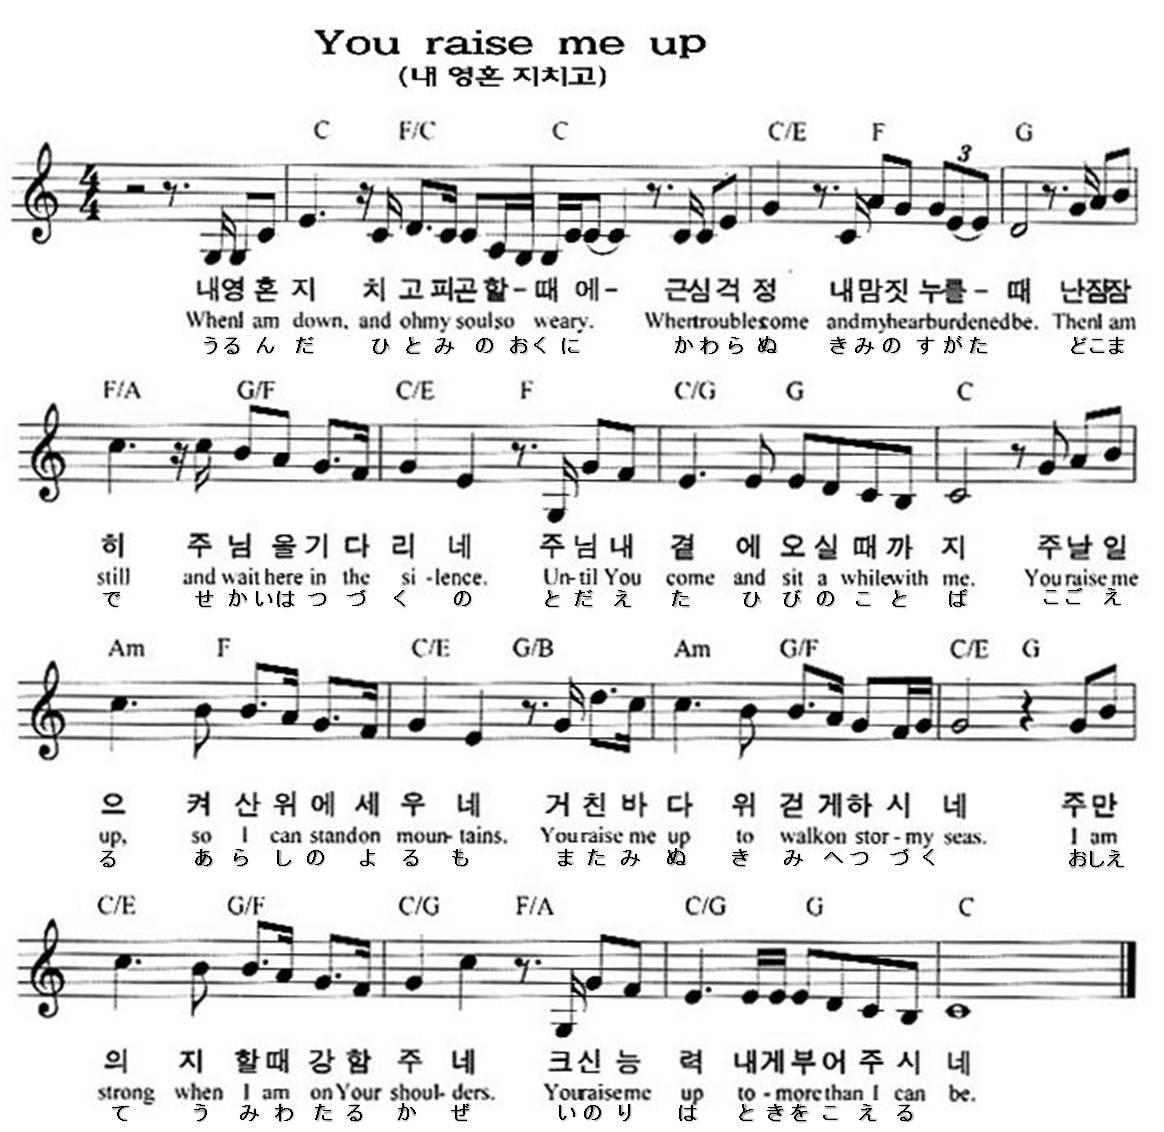 http://sheetmusic-free.com/wp-content/uploads/2016/05/You-Raise-Me-Up-Sheet-Music-Secret-Garden-Piano-sheet-music.jpg